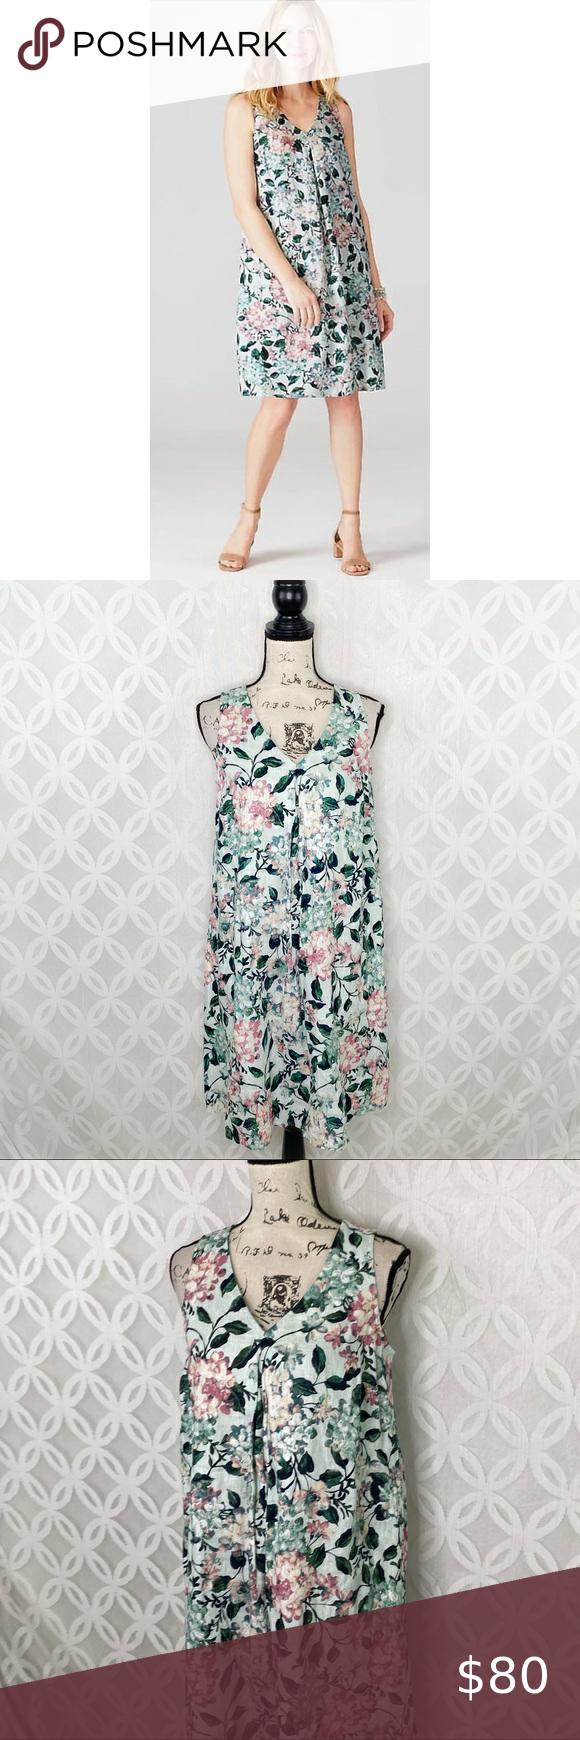 J. Jill Love Linen hydrangea Dress NWT in 2020 Hydrangea